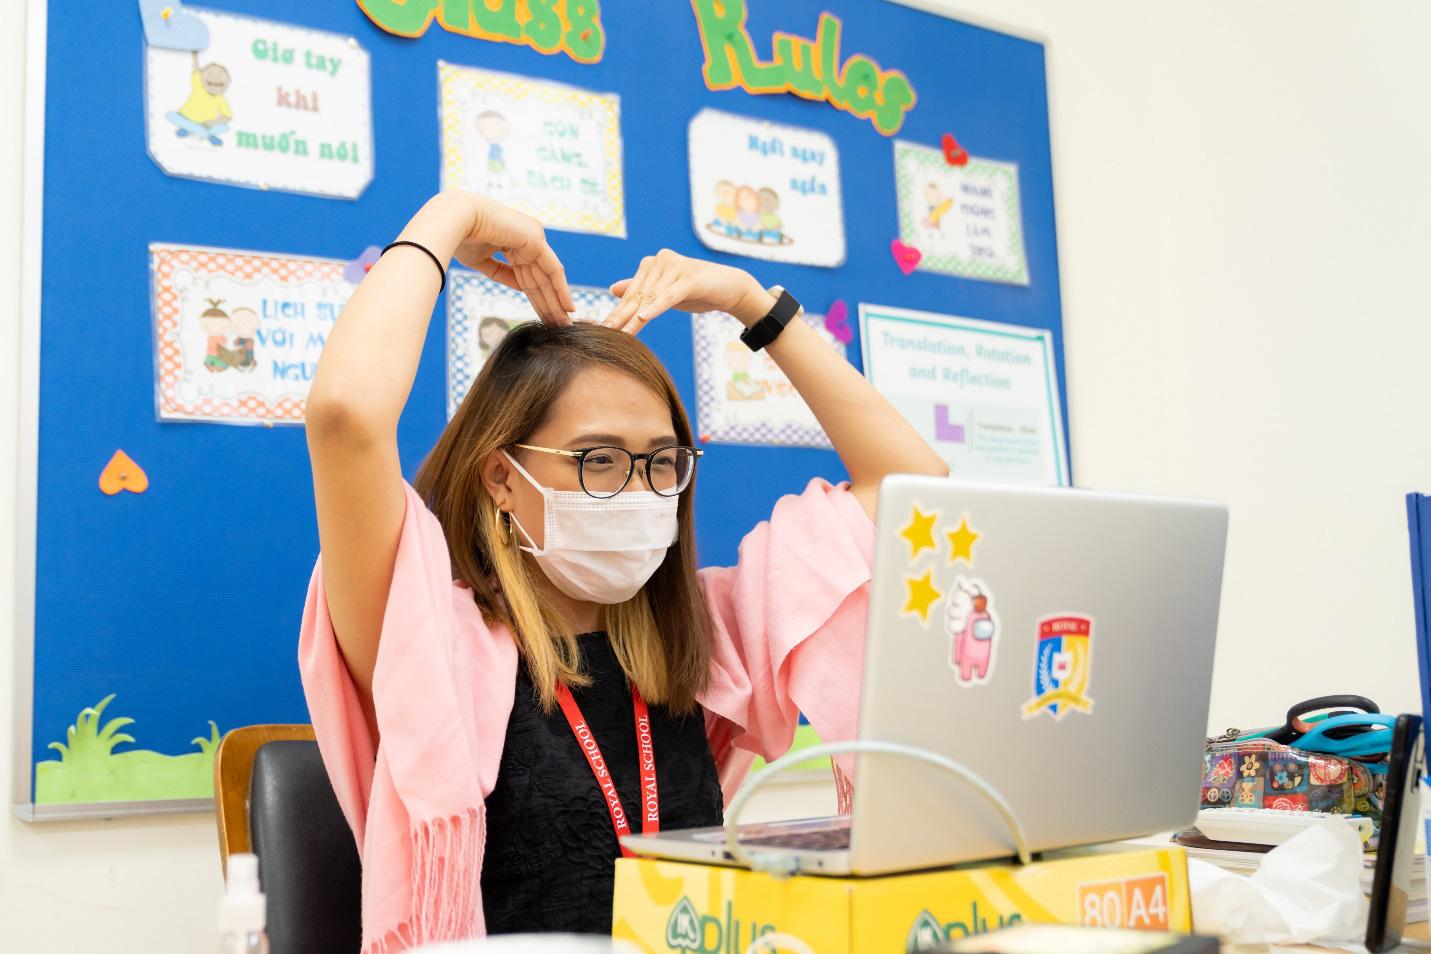 Royal School miễn phí học hè trực tuyến cho học sinh toàn quốc - Ảnh 1.